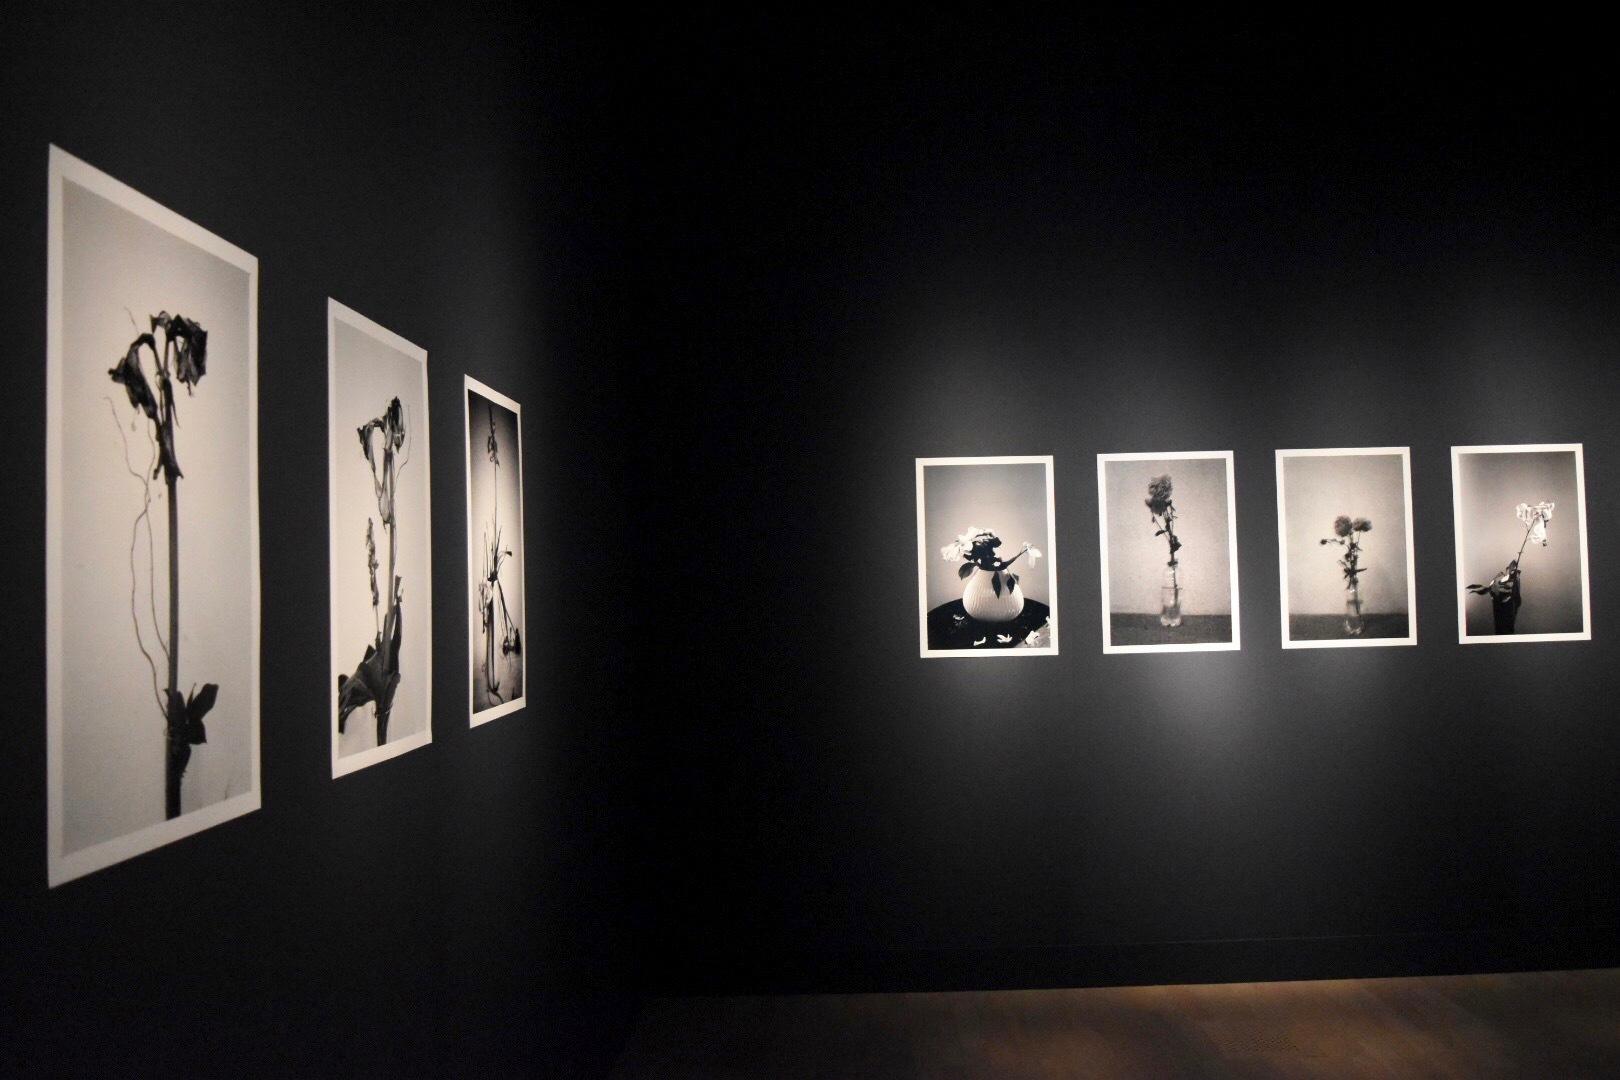 『イケムラレイコ 土と星 Our Planet』展 2019年 国立新美術館展示風景